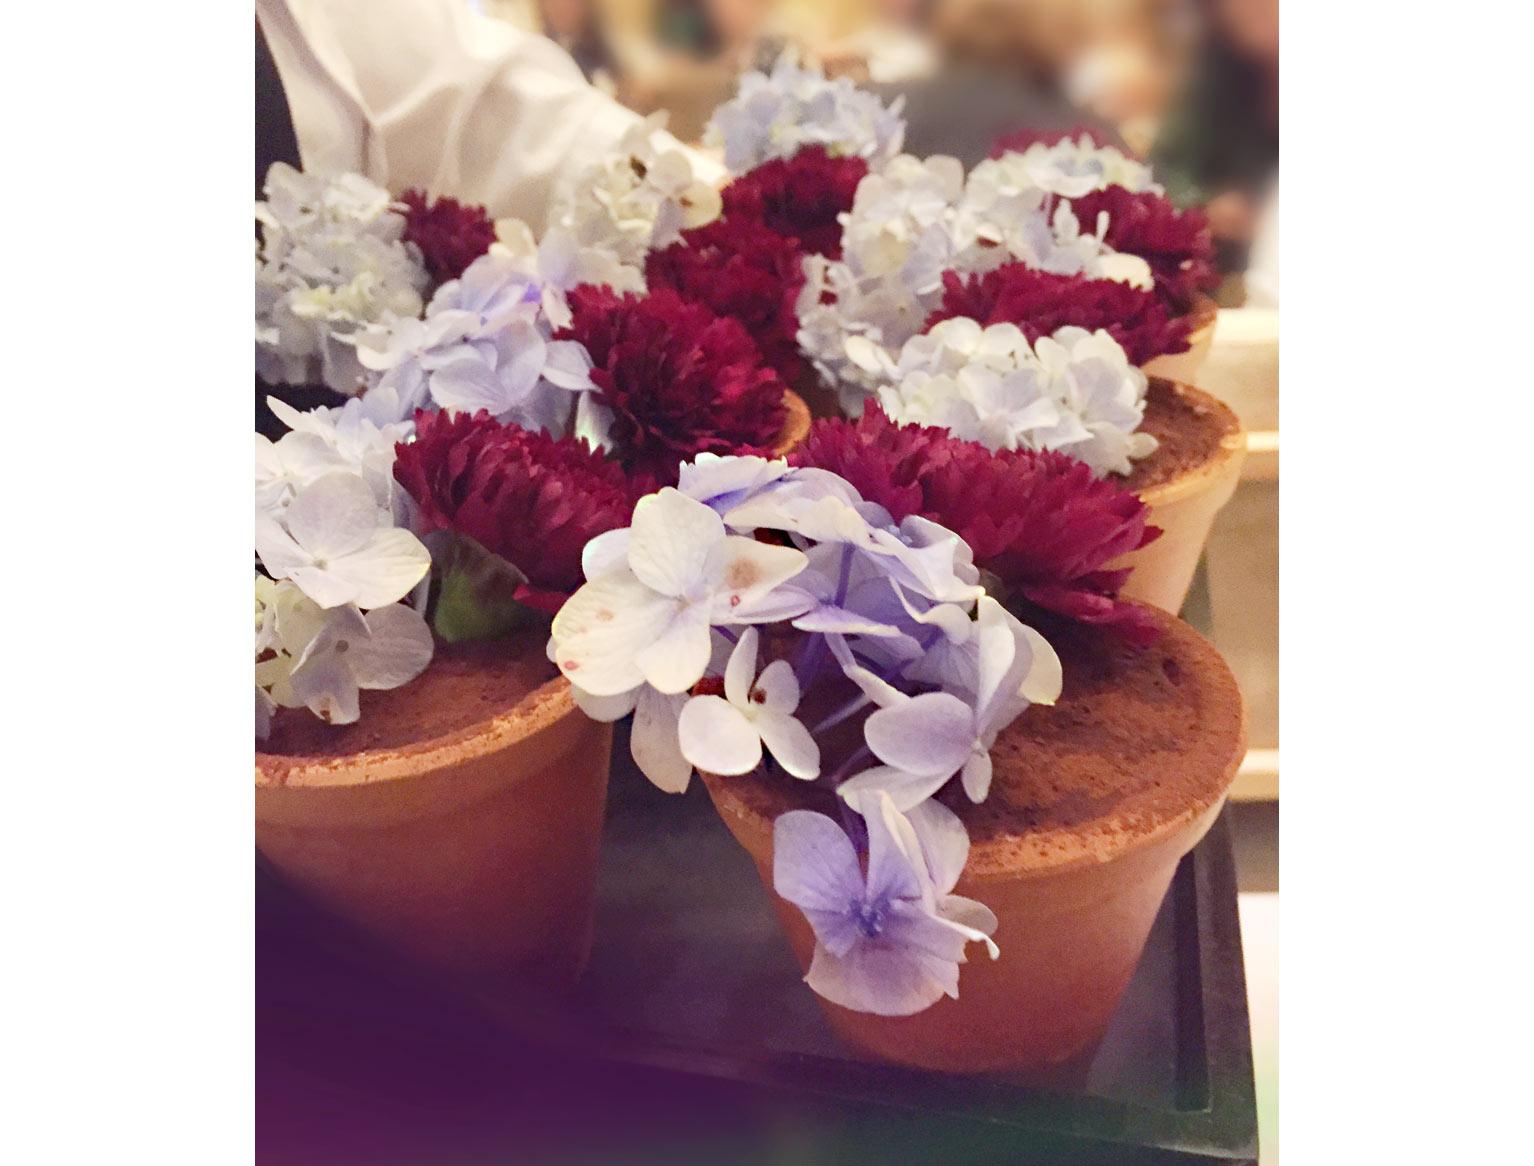 07-florista-das-celebridades-jeff-leatham-ensina-a-fazer-arranjos-em-sp